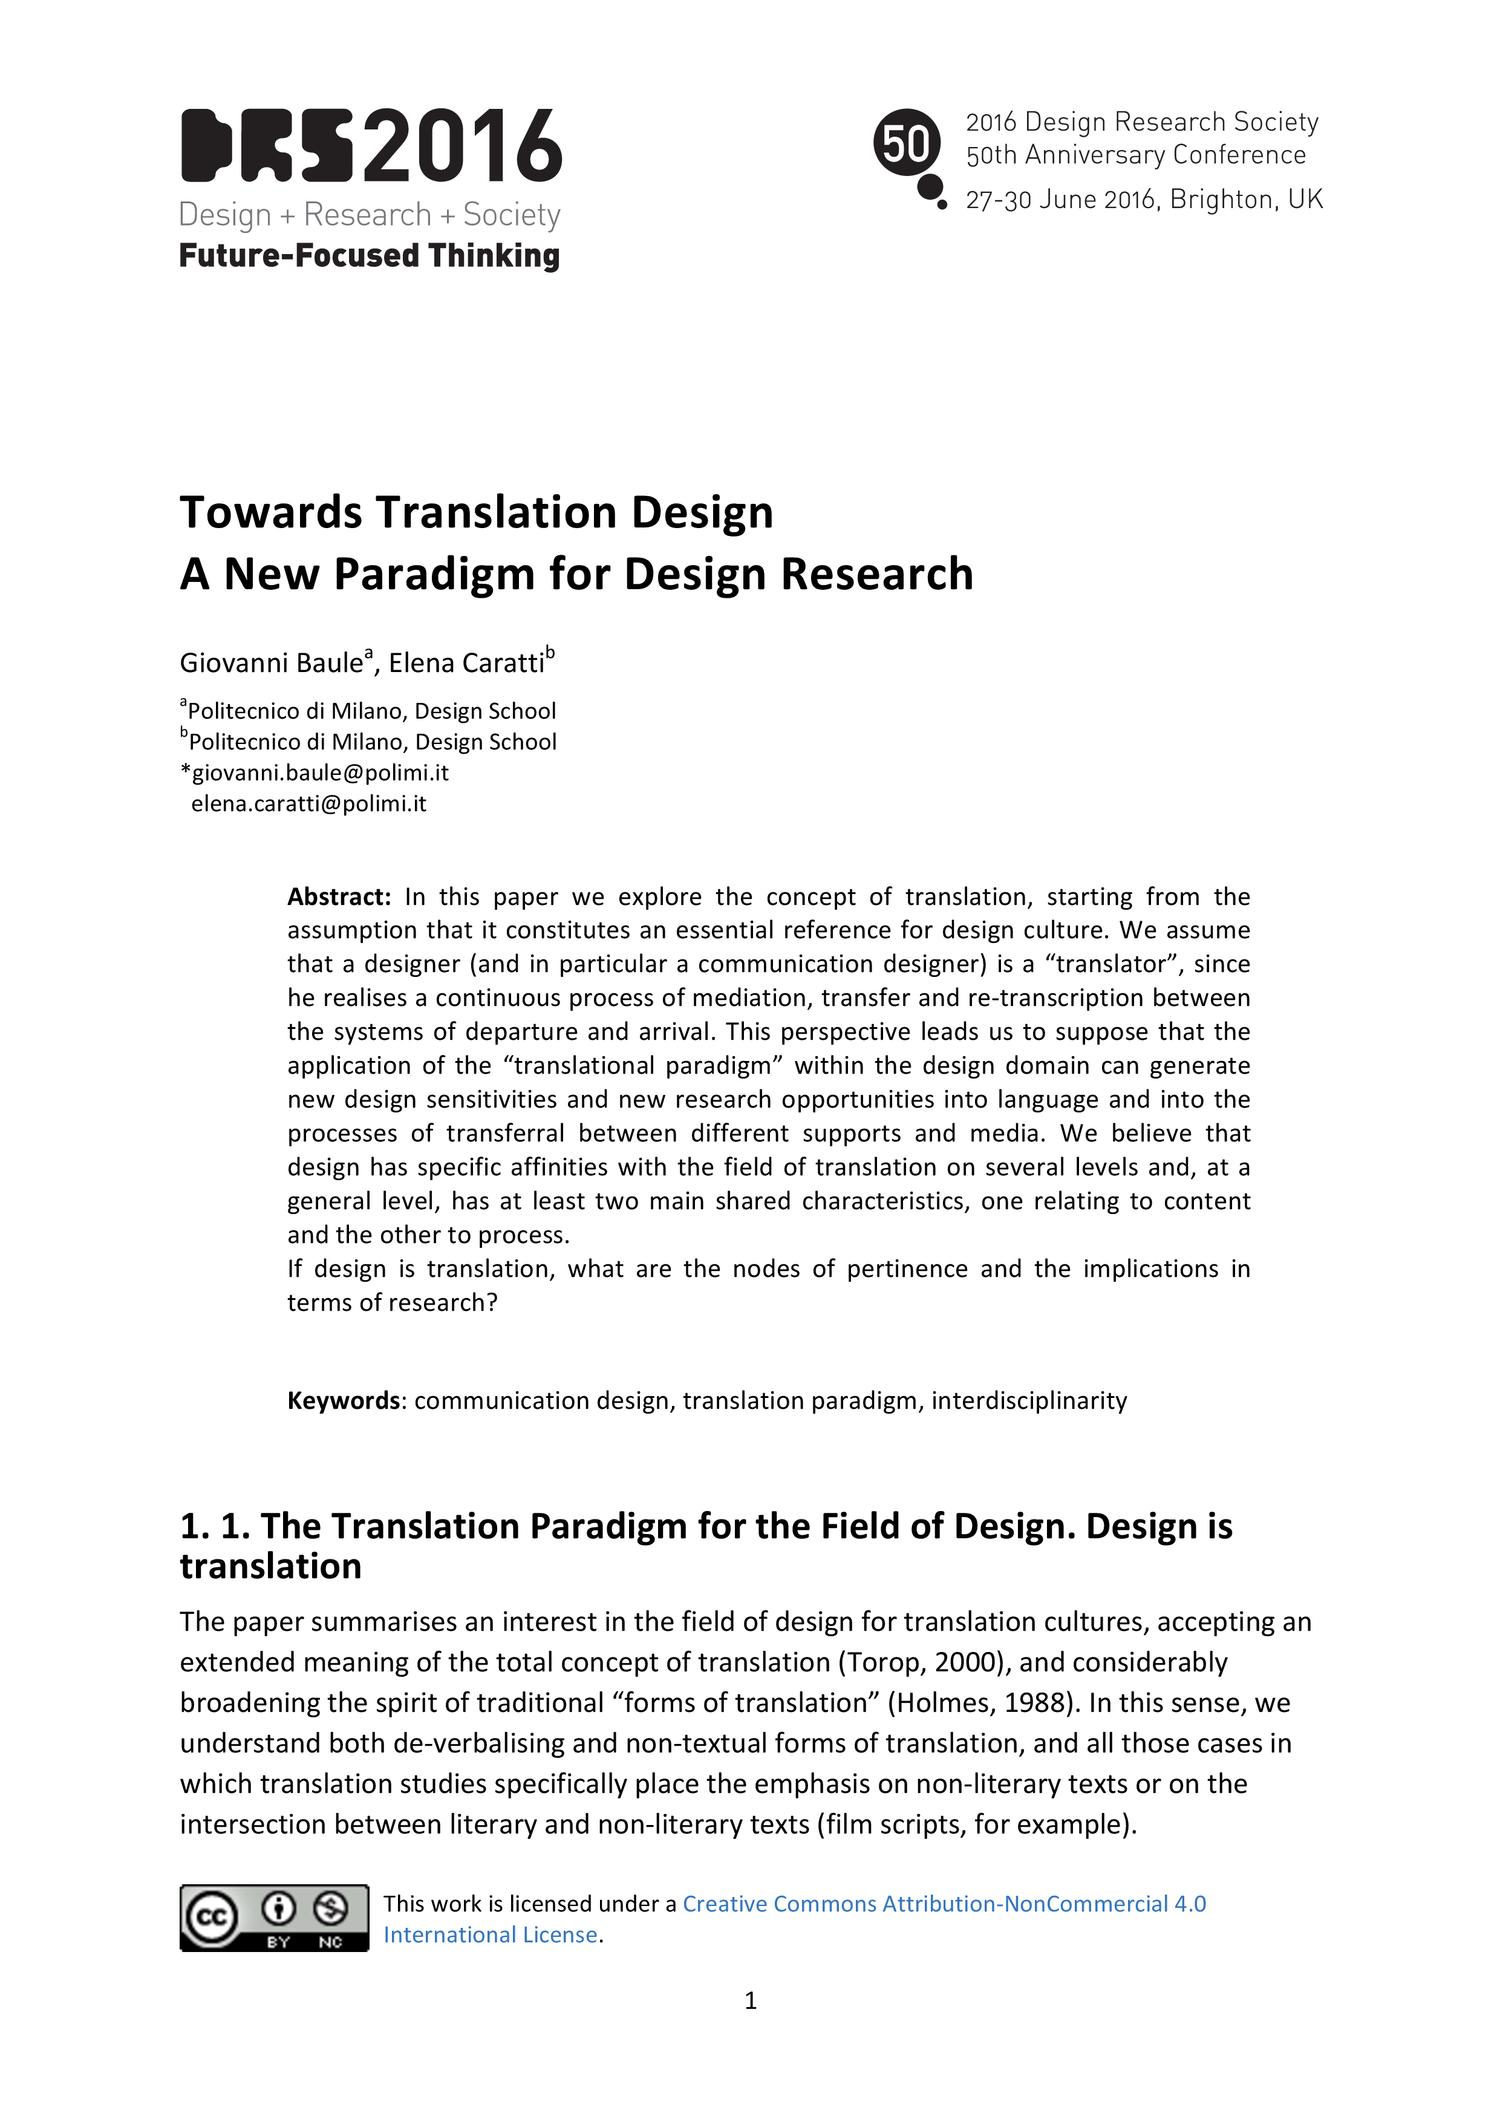 Towards Translation Design Drs2016